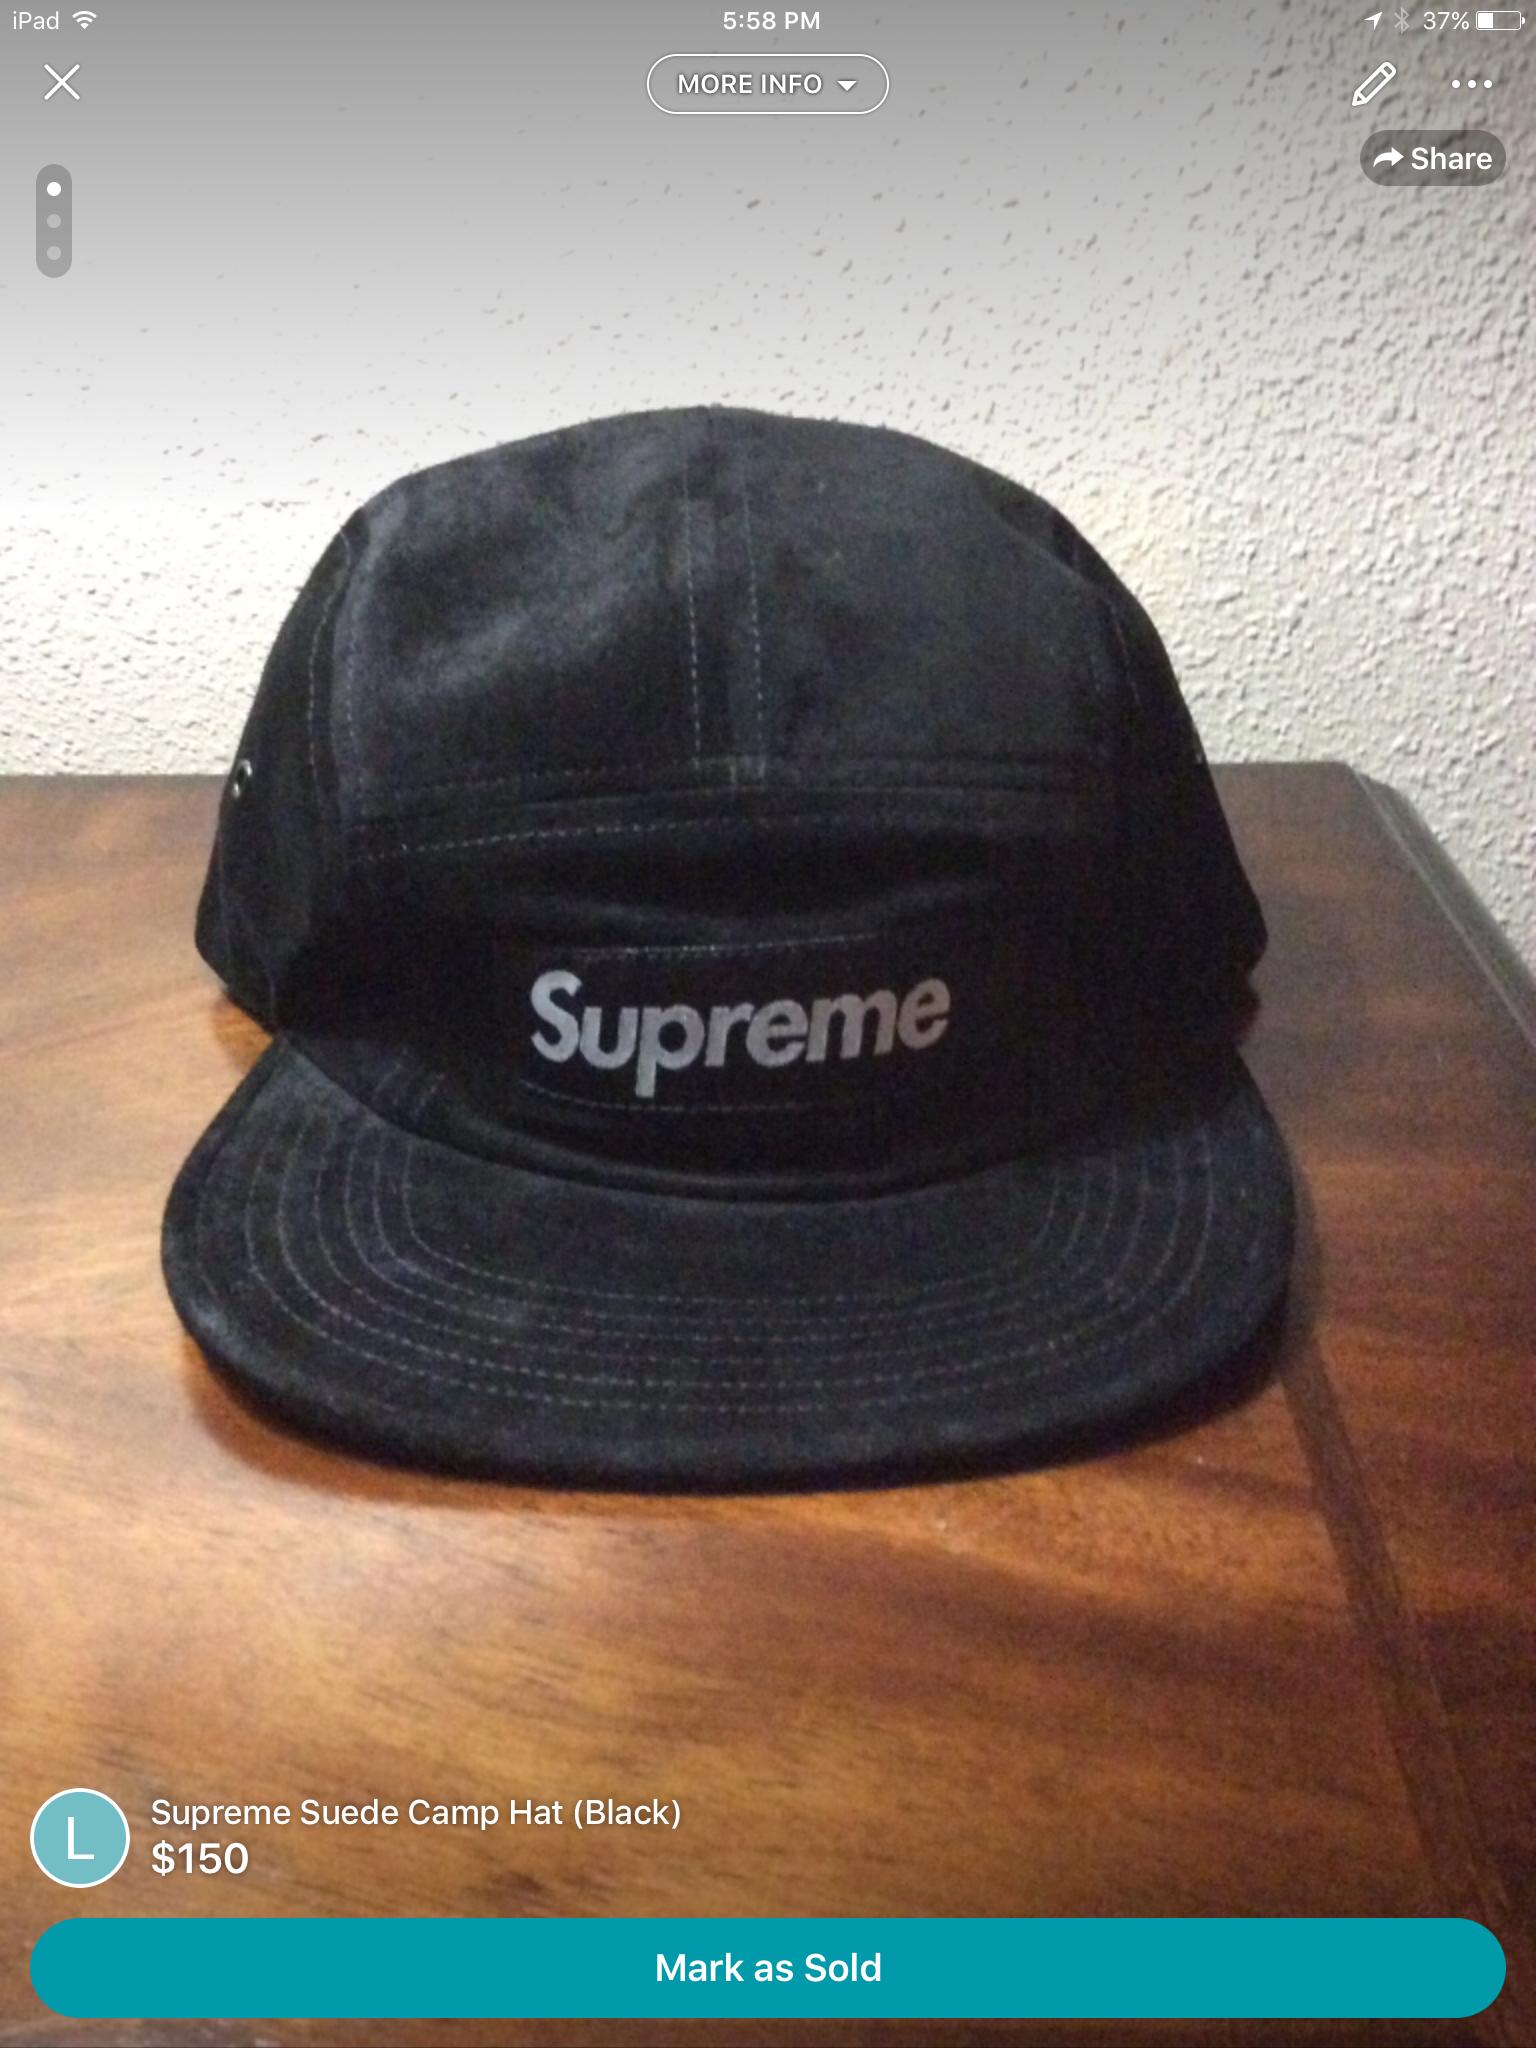 828612328cb9e Supreme Suede Camp Hat (Black)